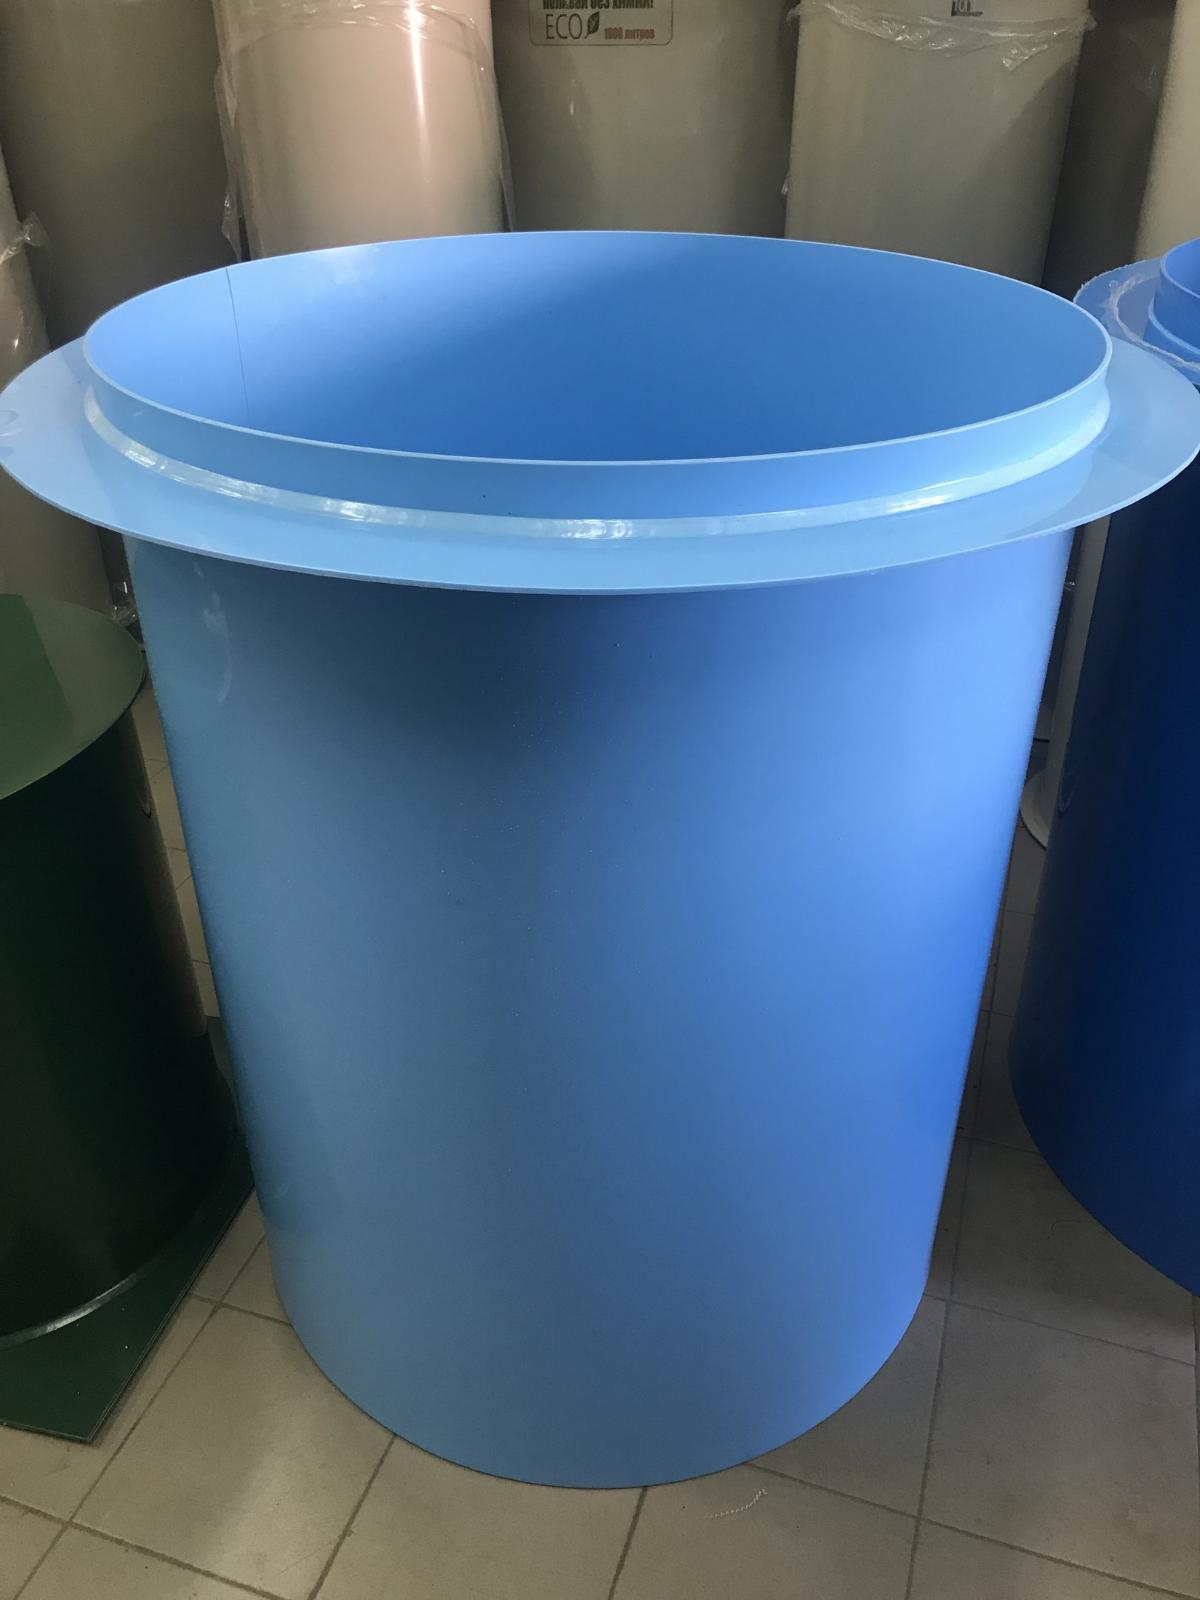 Купели Габаритывыстота 120см, диаметр 100см.В наличии синий,голубой цвет.Возможно изготовление по вашим размерам.Цена 11000 р.